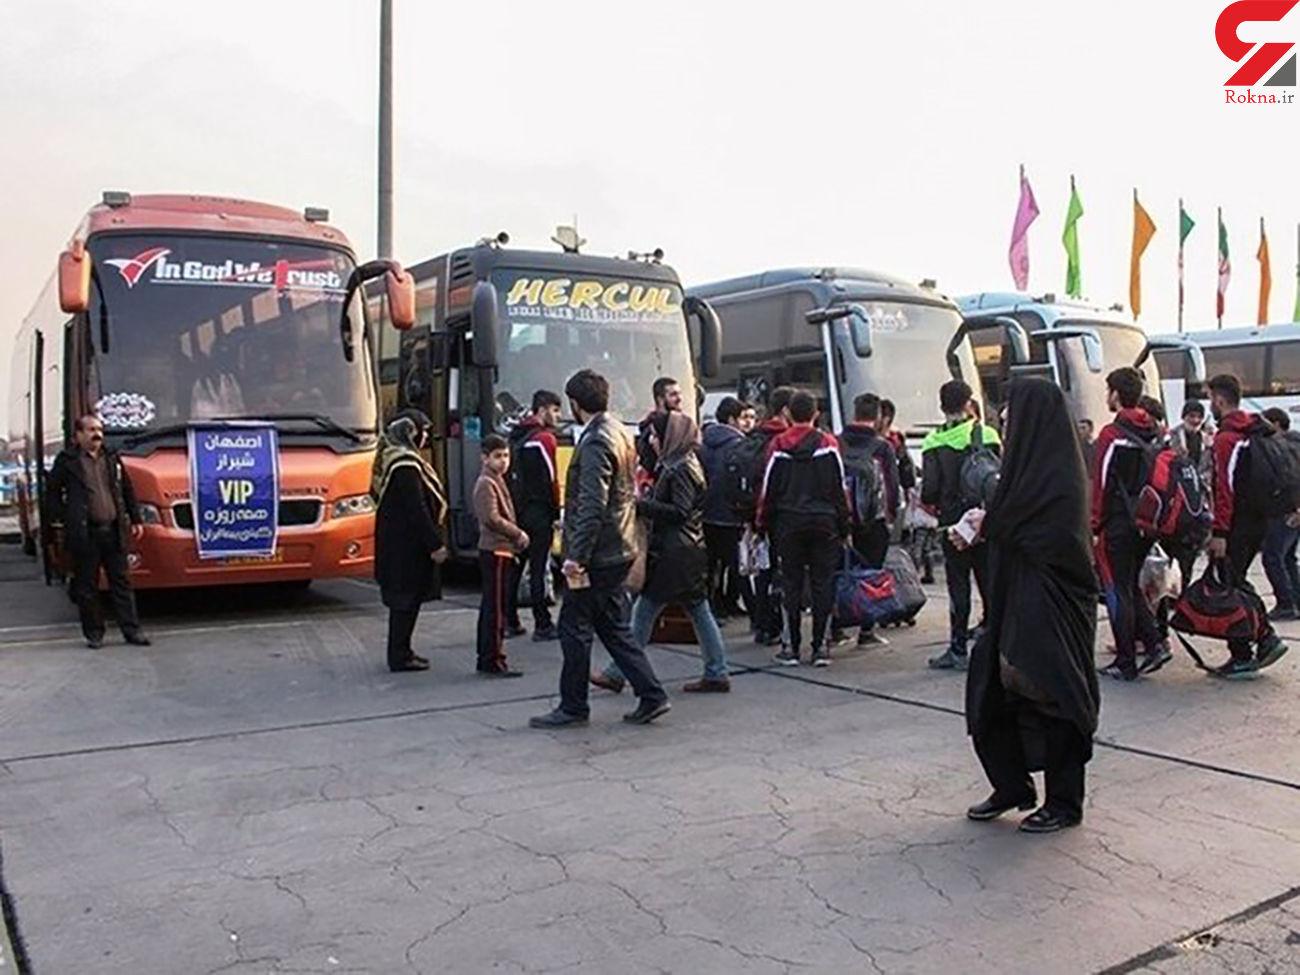 افزایش 30 درصدی نرخ کرایه اتوبوسهای بینشهری